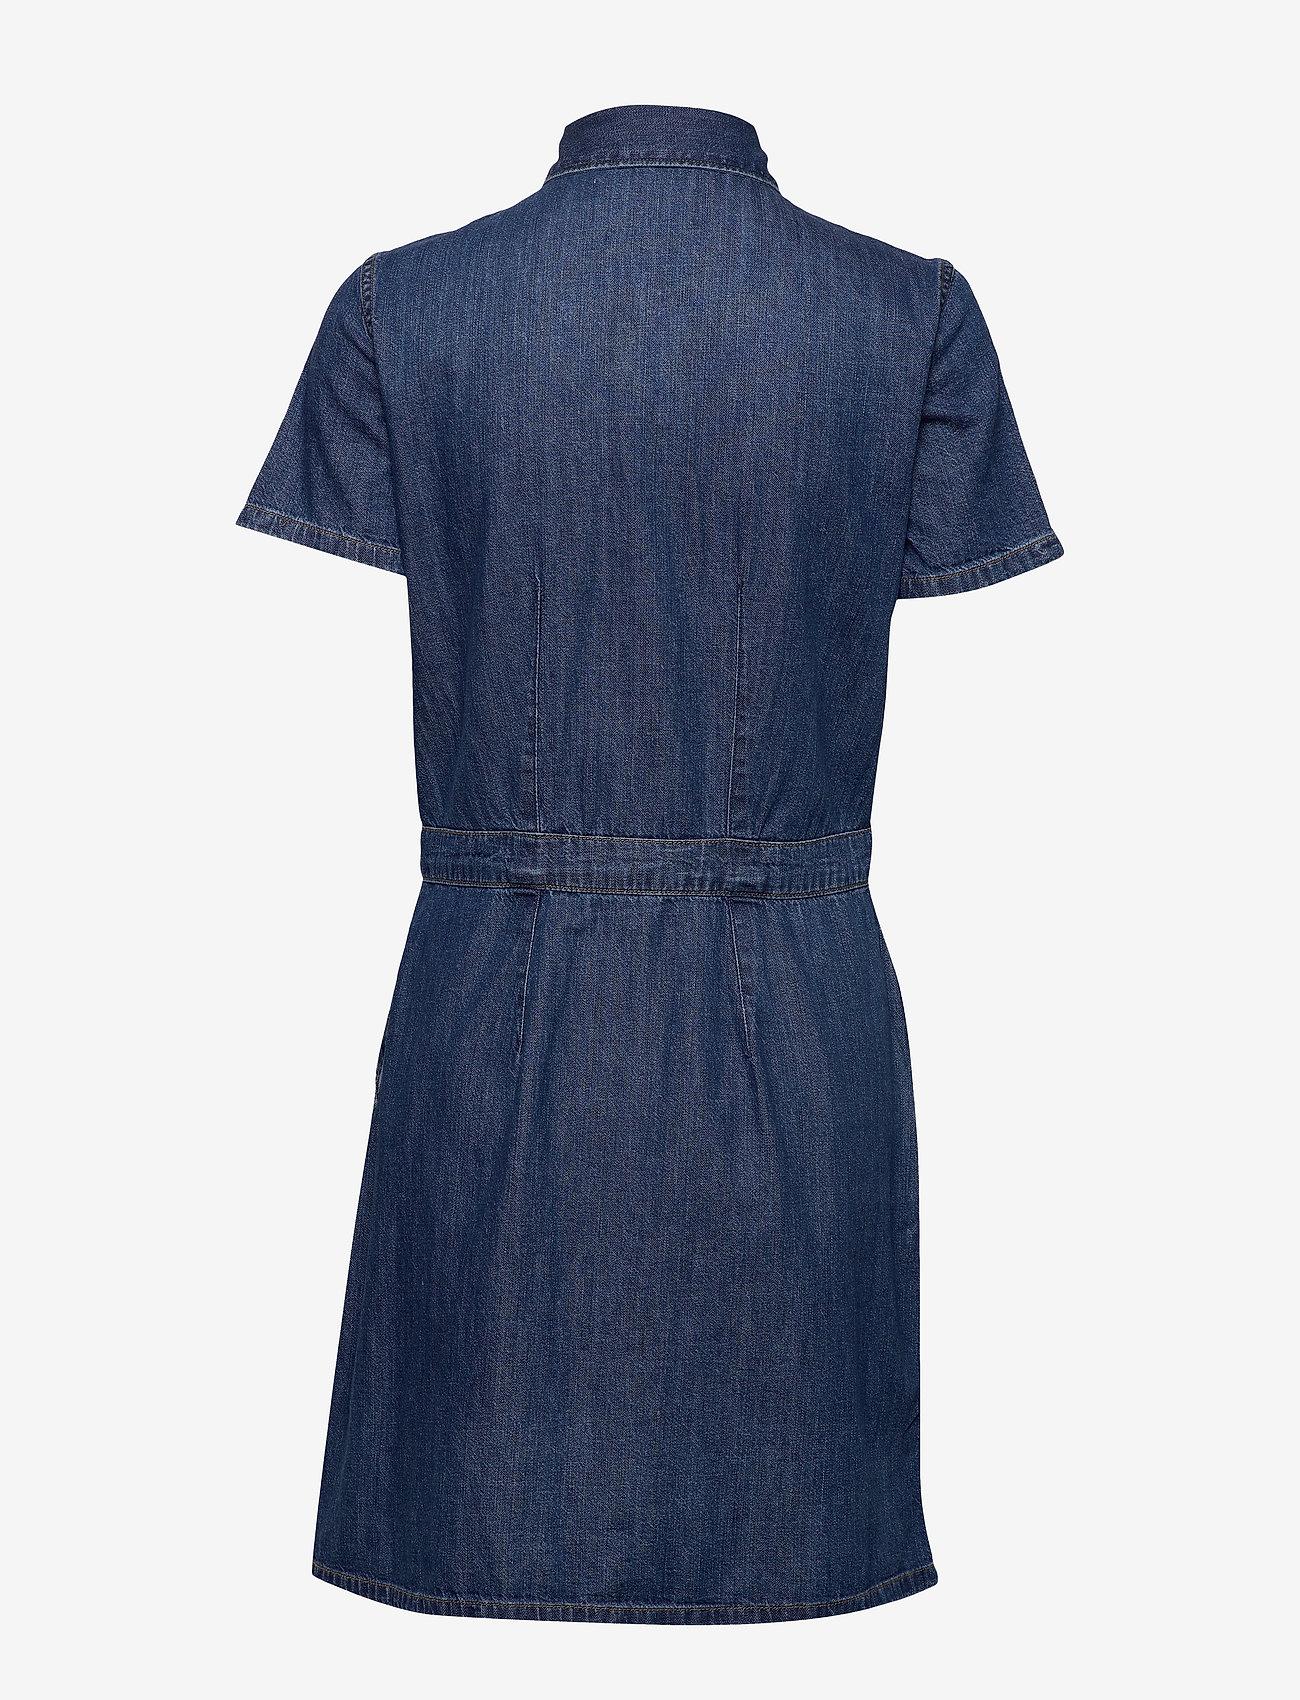 Calvin Klein Jeans Modern Shirt Dress - Dresses